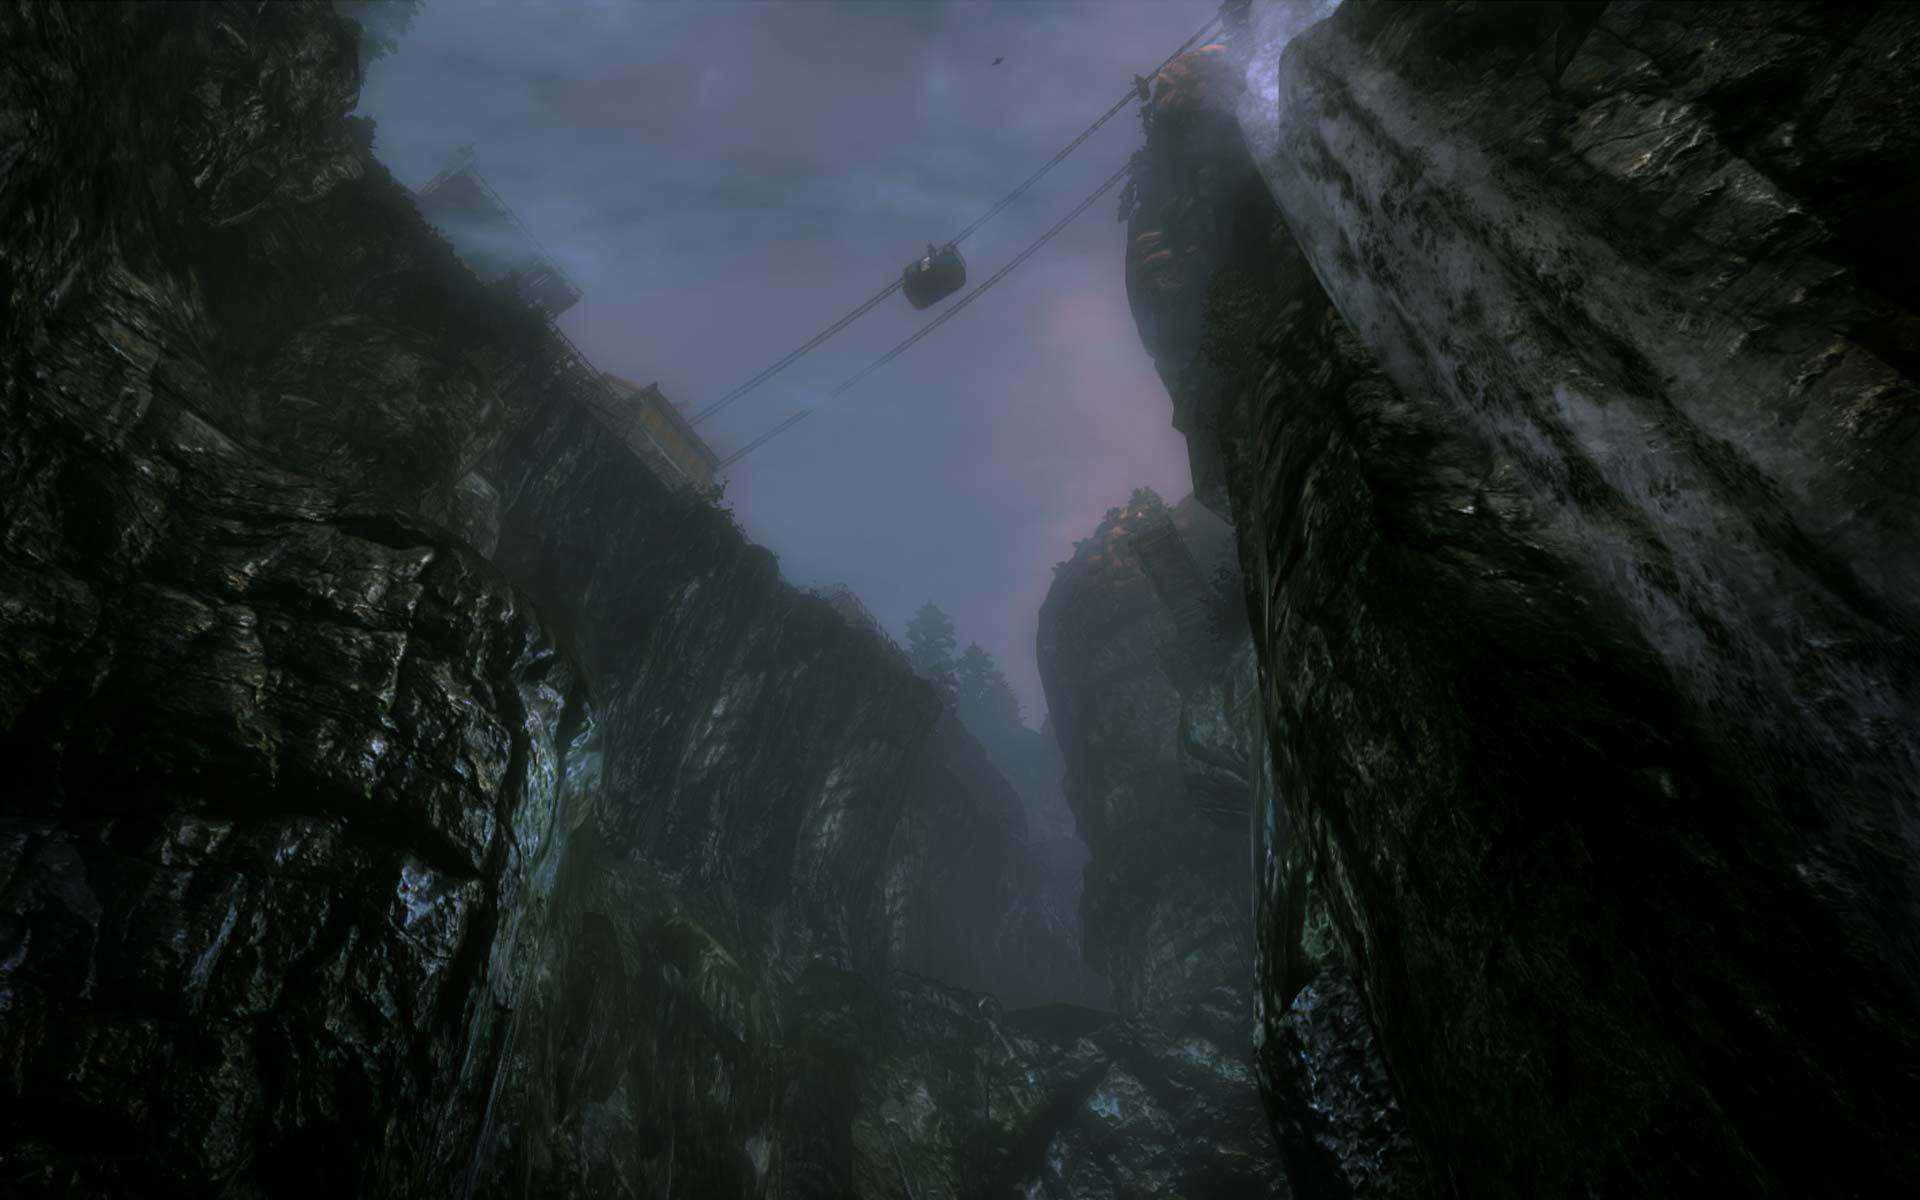 První pohlednice z potemnělého Silent Hill: Downpour 30035